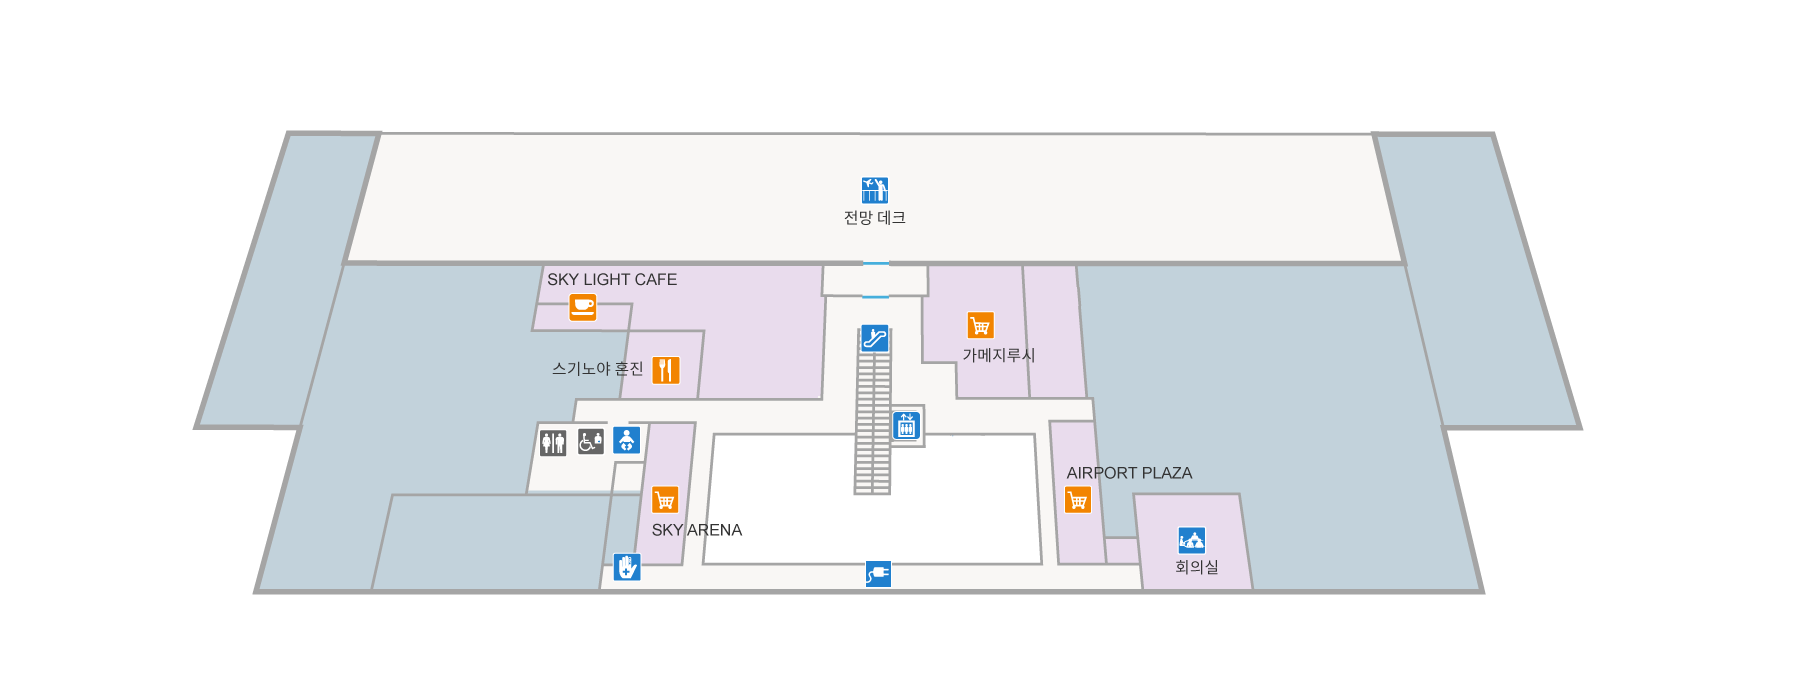 2층 편의시설 및 설비